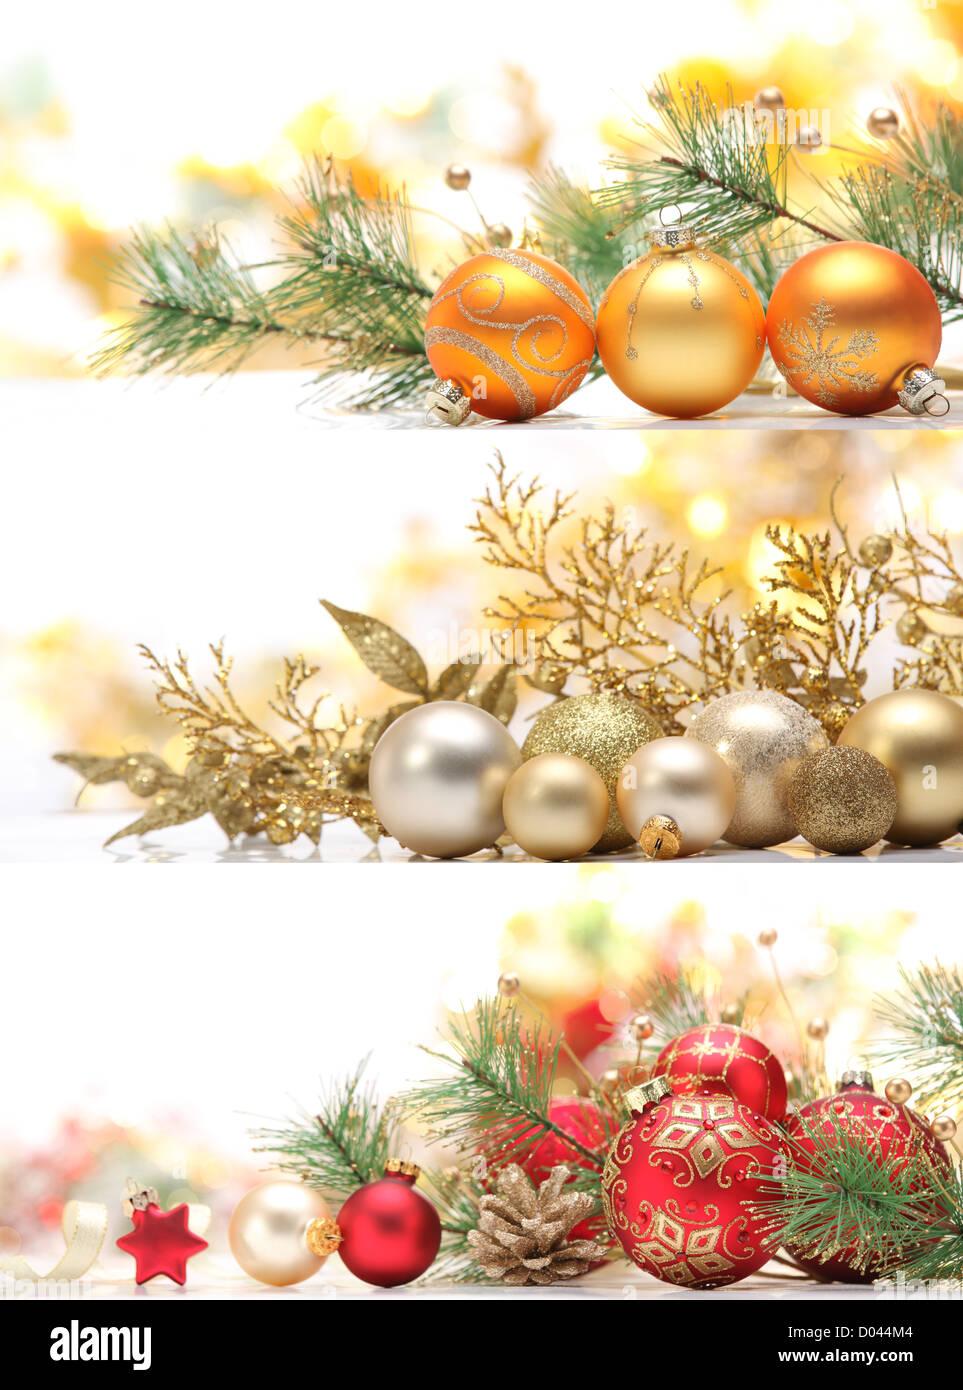 Christmas Banners.Collection Of Christmas Banners Stock Photo 51722612 Alamy